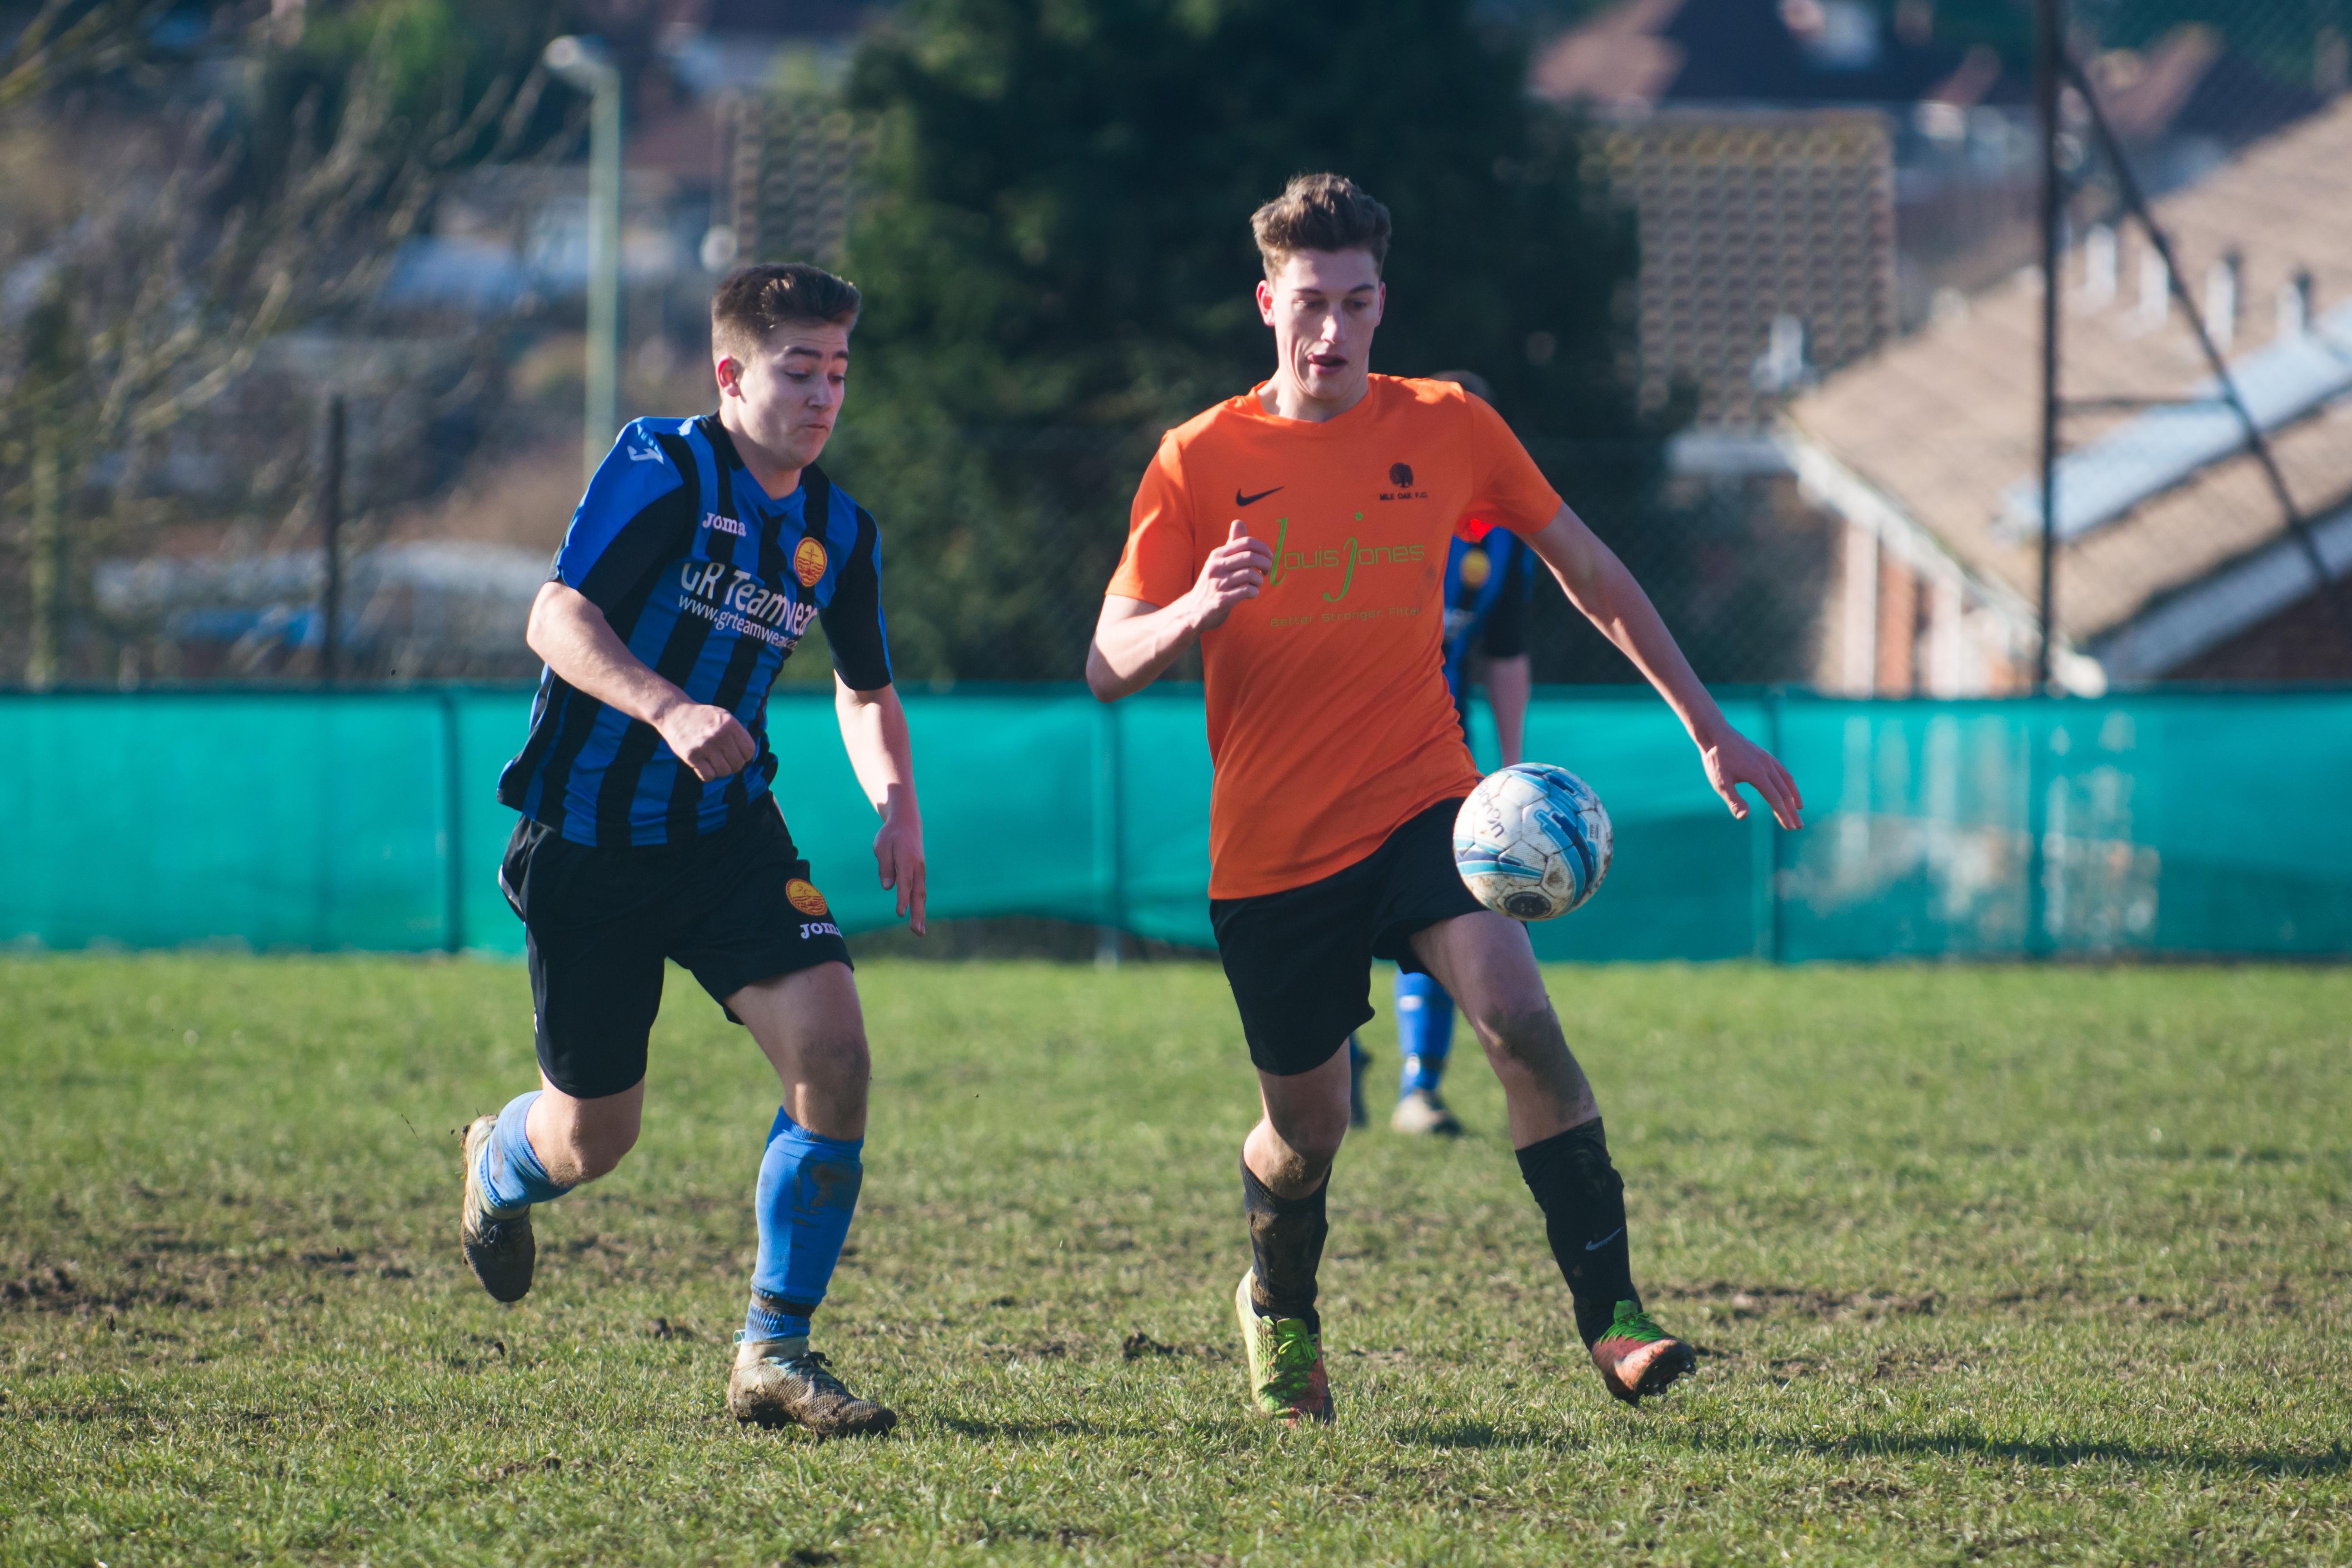 Mile Oak FC U18s vs Newhaven FC U18s 04.02.18 37